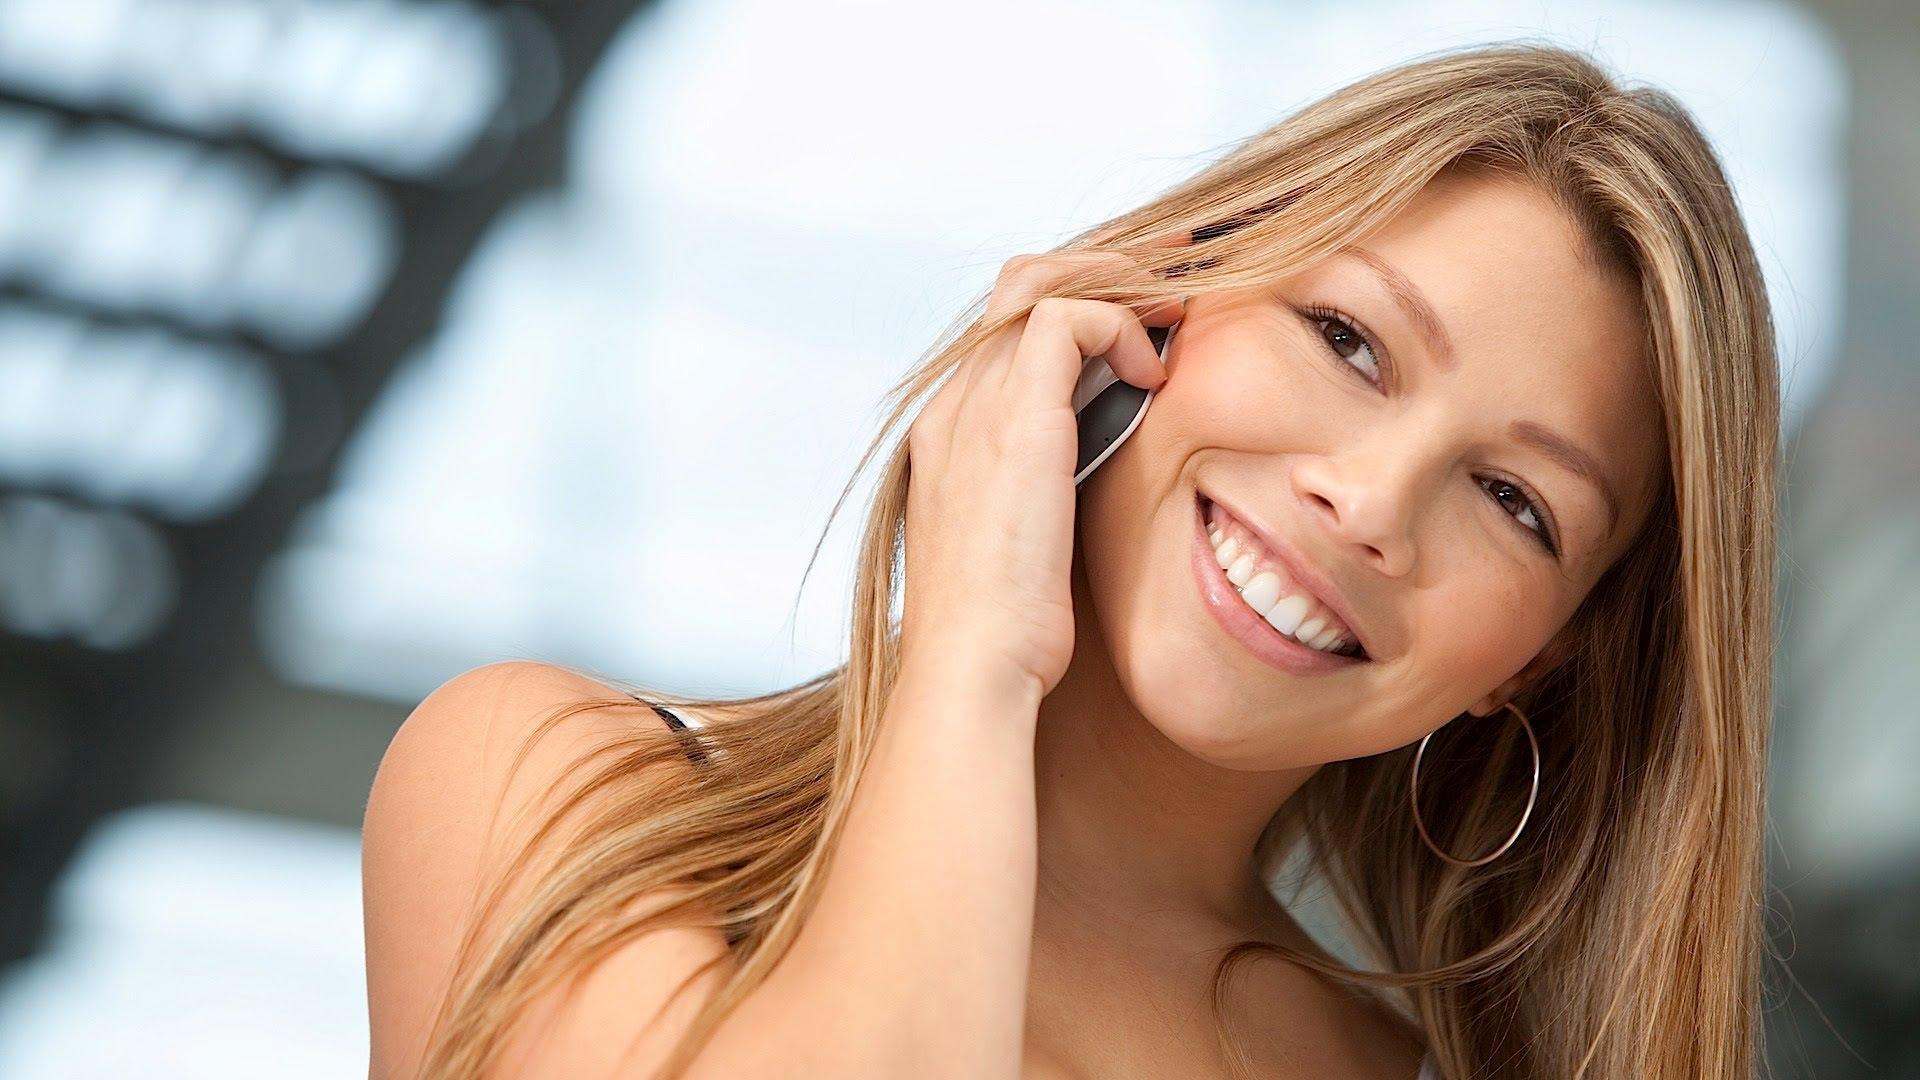 Πότε να χρησιμοποιείς το τηλέφωνο (και πότε όχι)